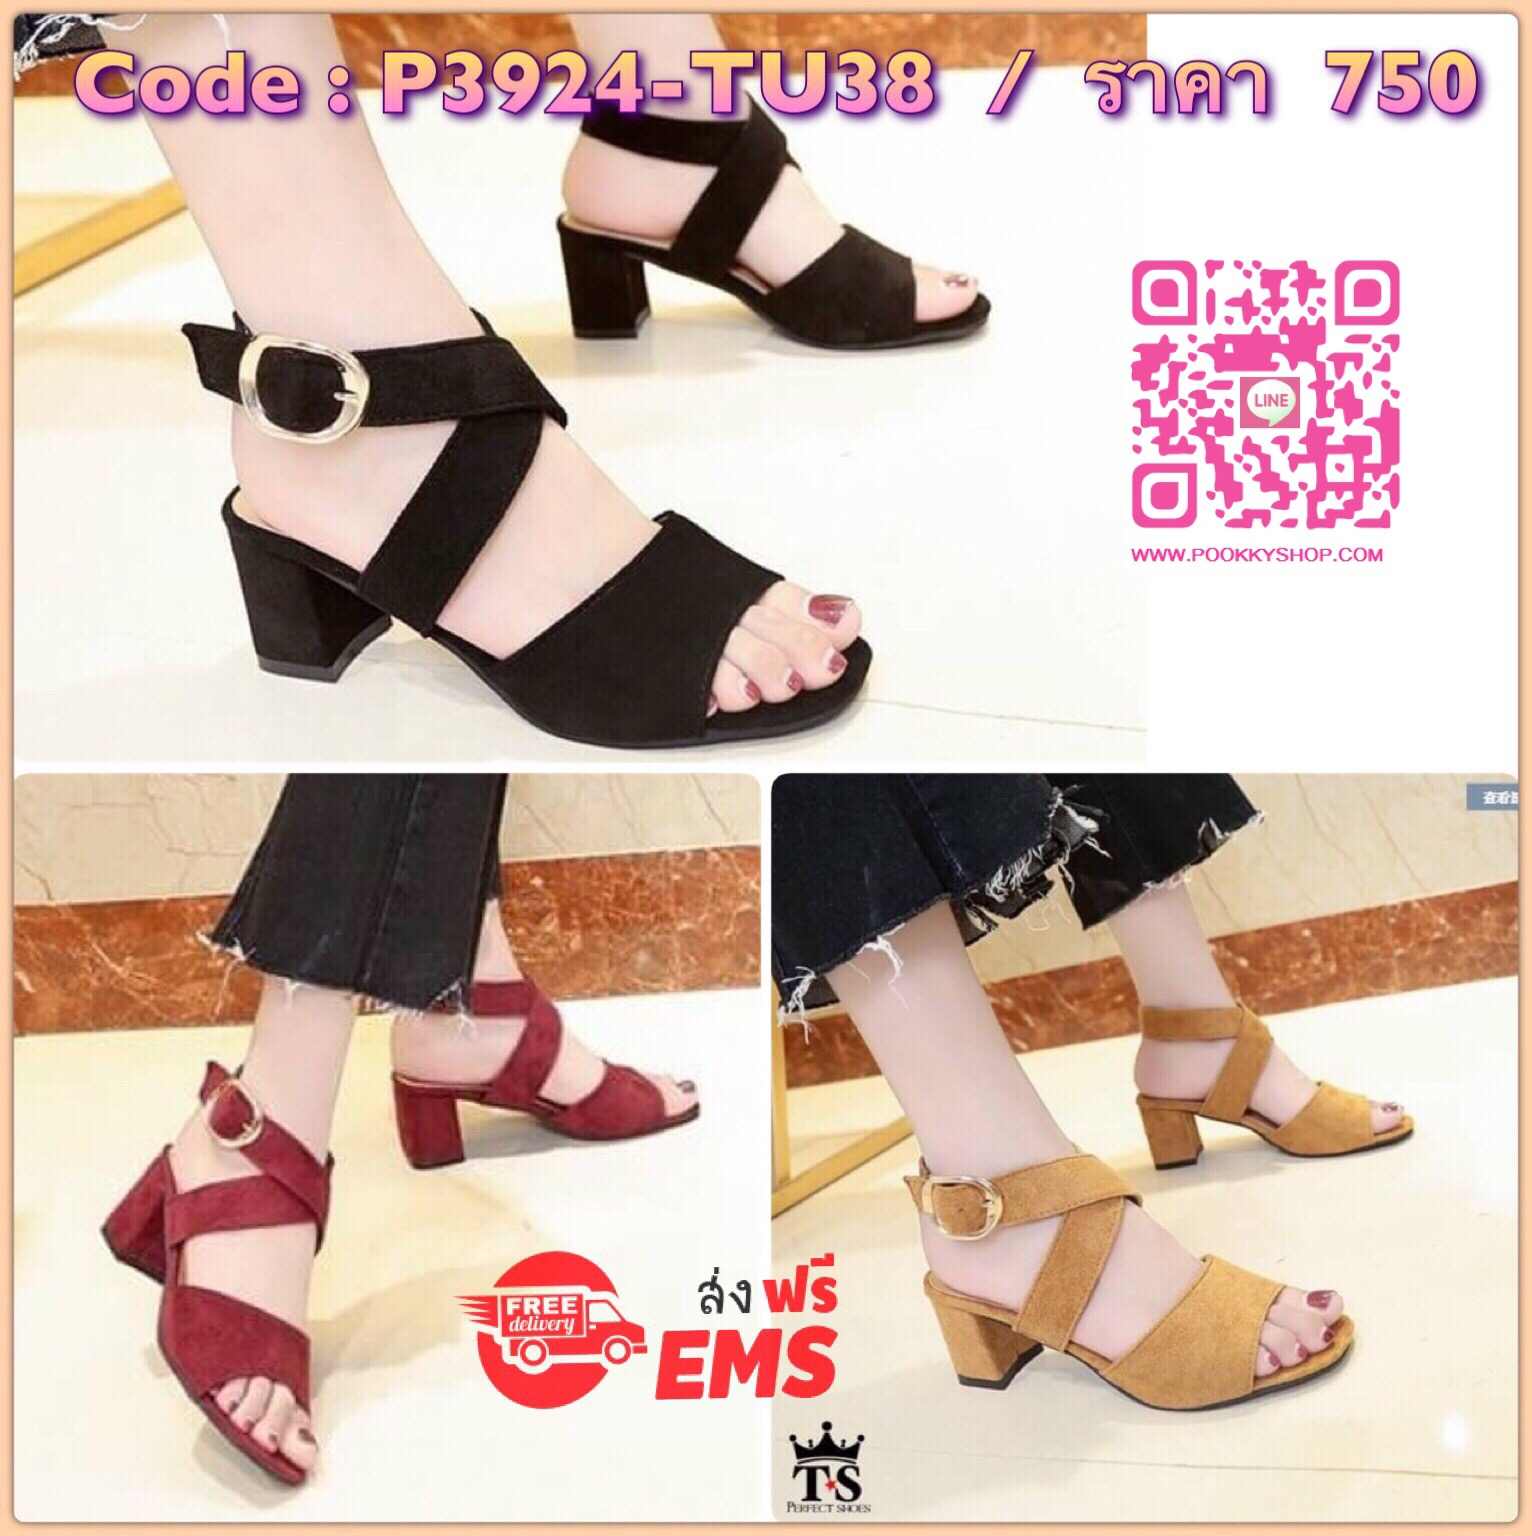 New!!Shoes2018 รองเท้าส้นตันแฟชั่น สไตล์เกาหลี ทรงรัดส้น แต่งสายไคว้สลับ ใส่ง่ายตะขอเกี่ยว ใส่แล้วเท้าเรียวสวย แมทง่ายใส่กับชุดไหนก็สวย สาวๆจัดด่วนค่า!!